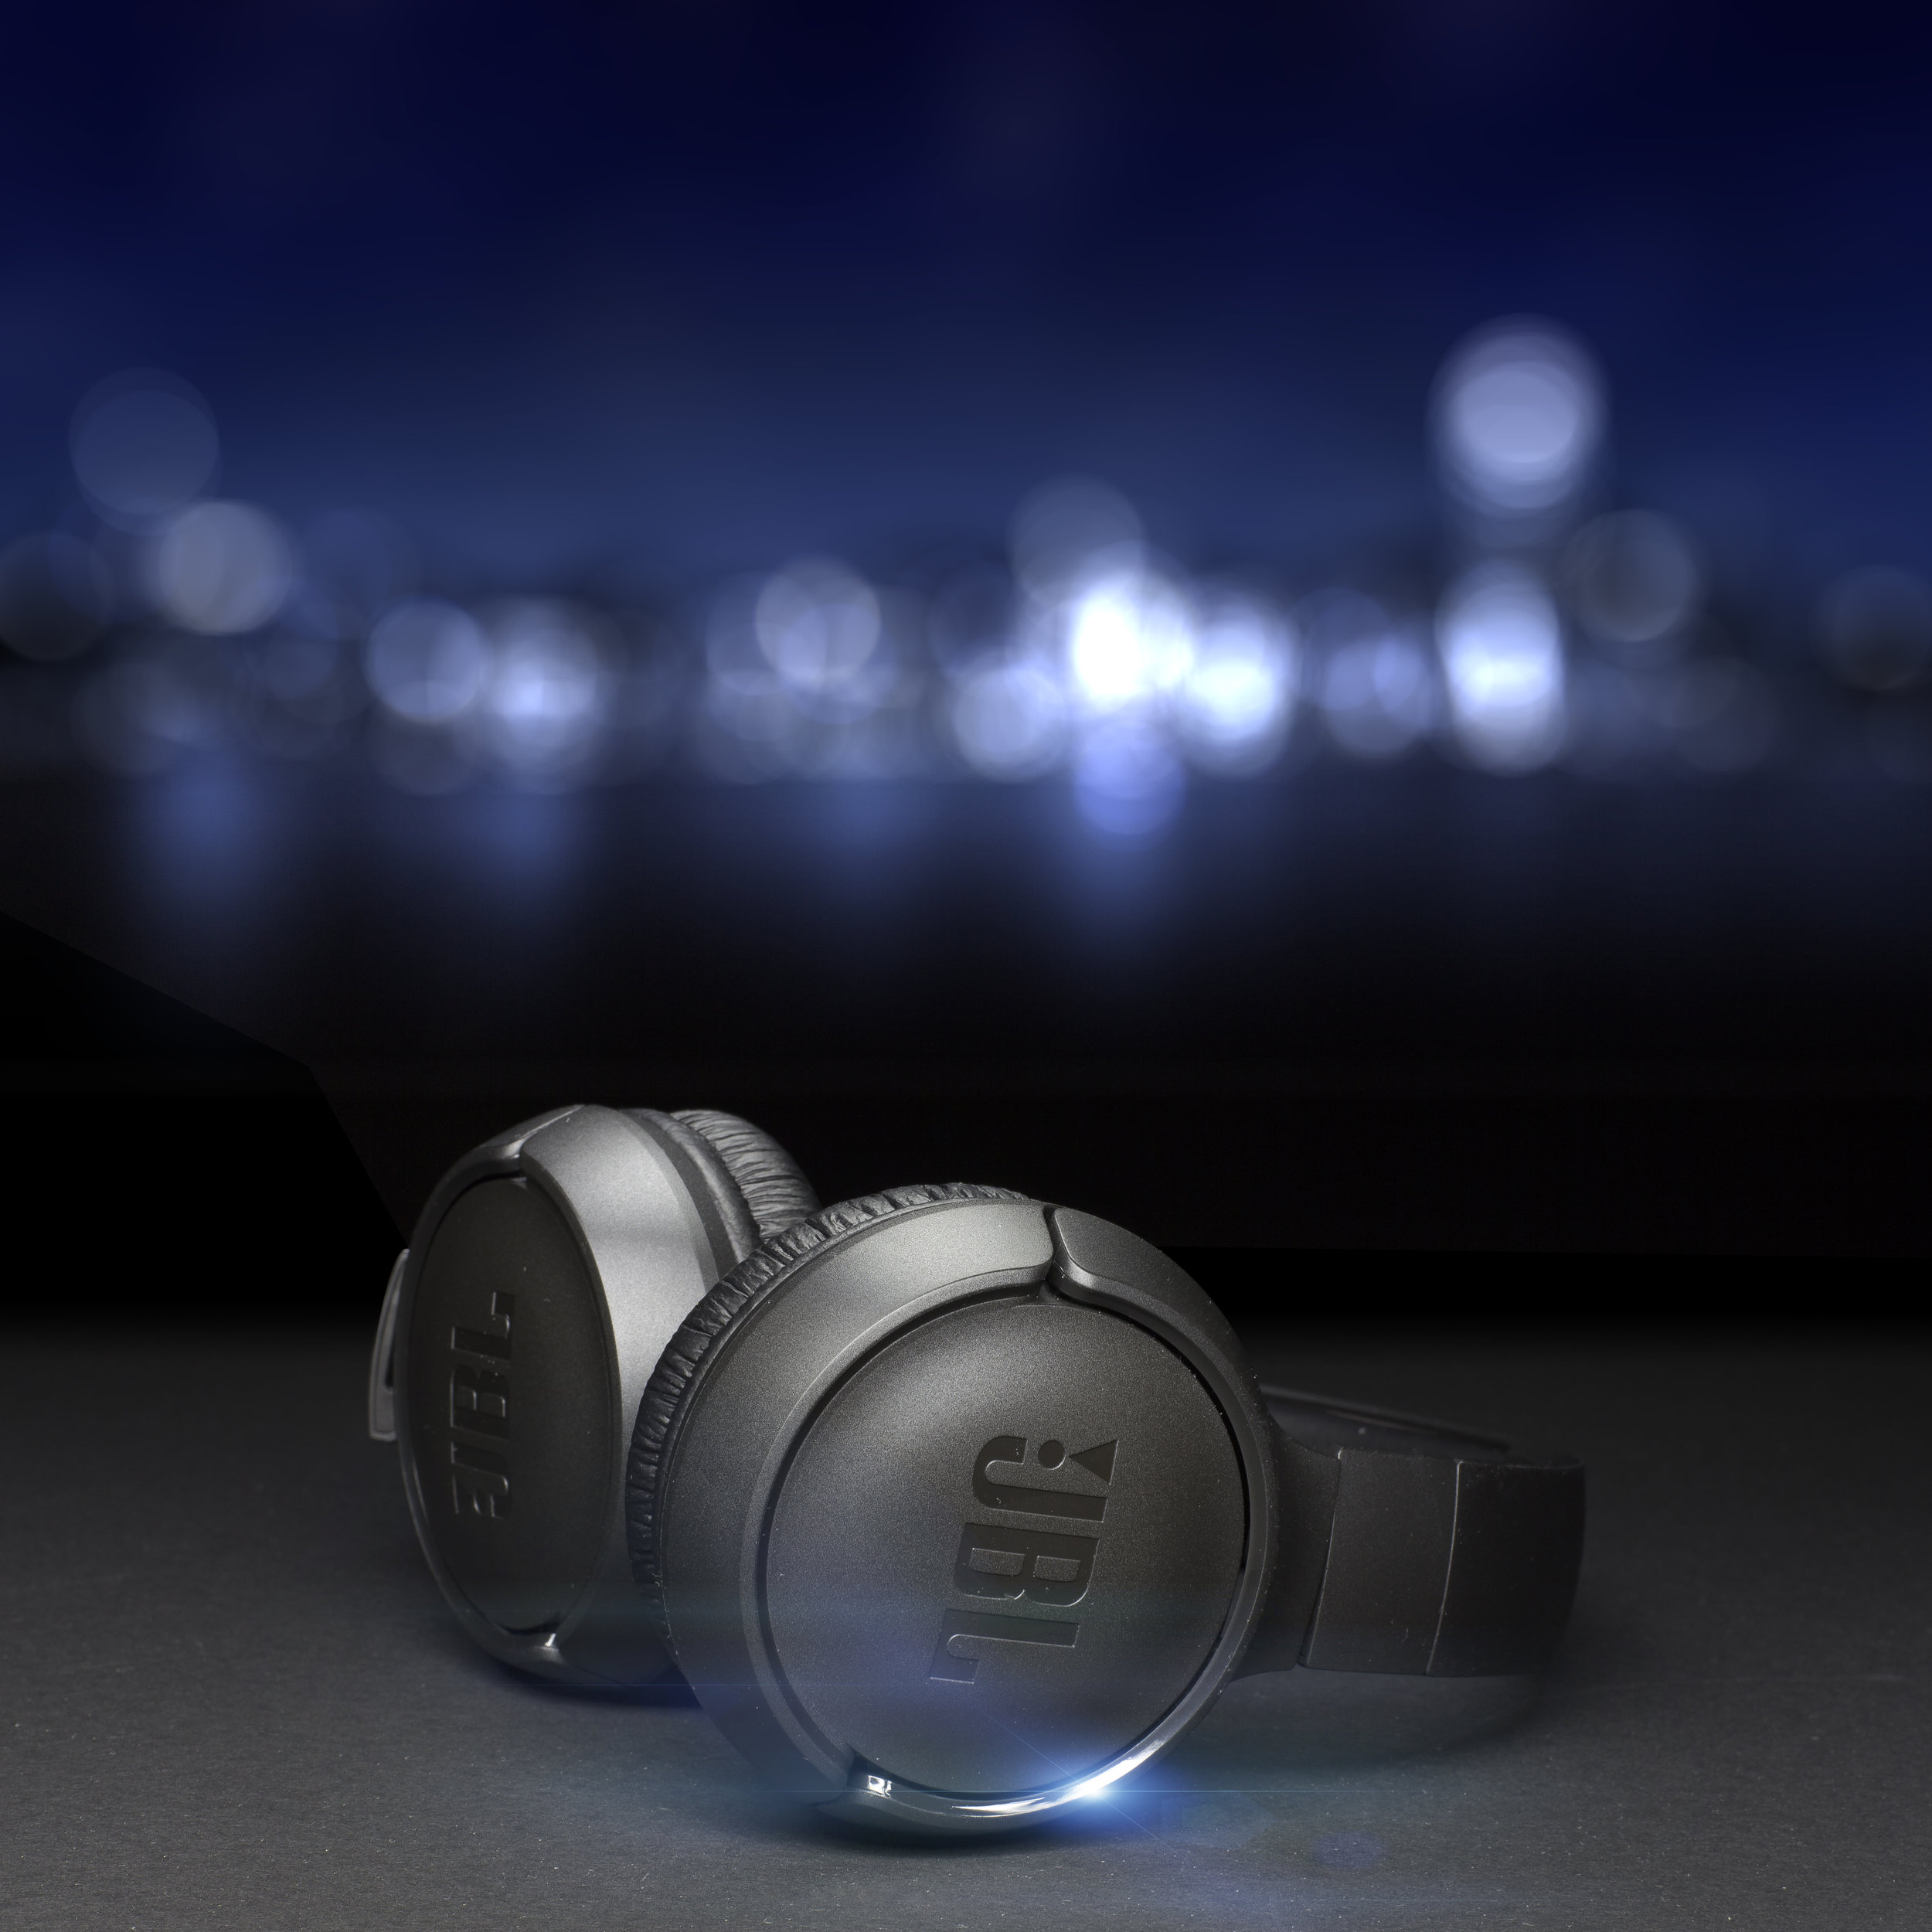 foto still life advertising in sala posa con jbl headphones